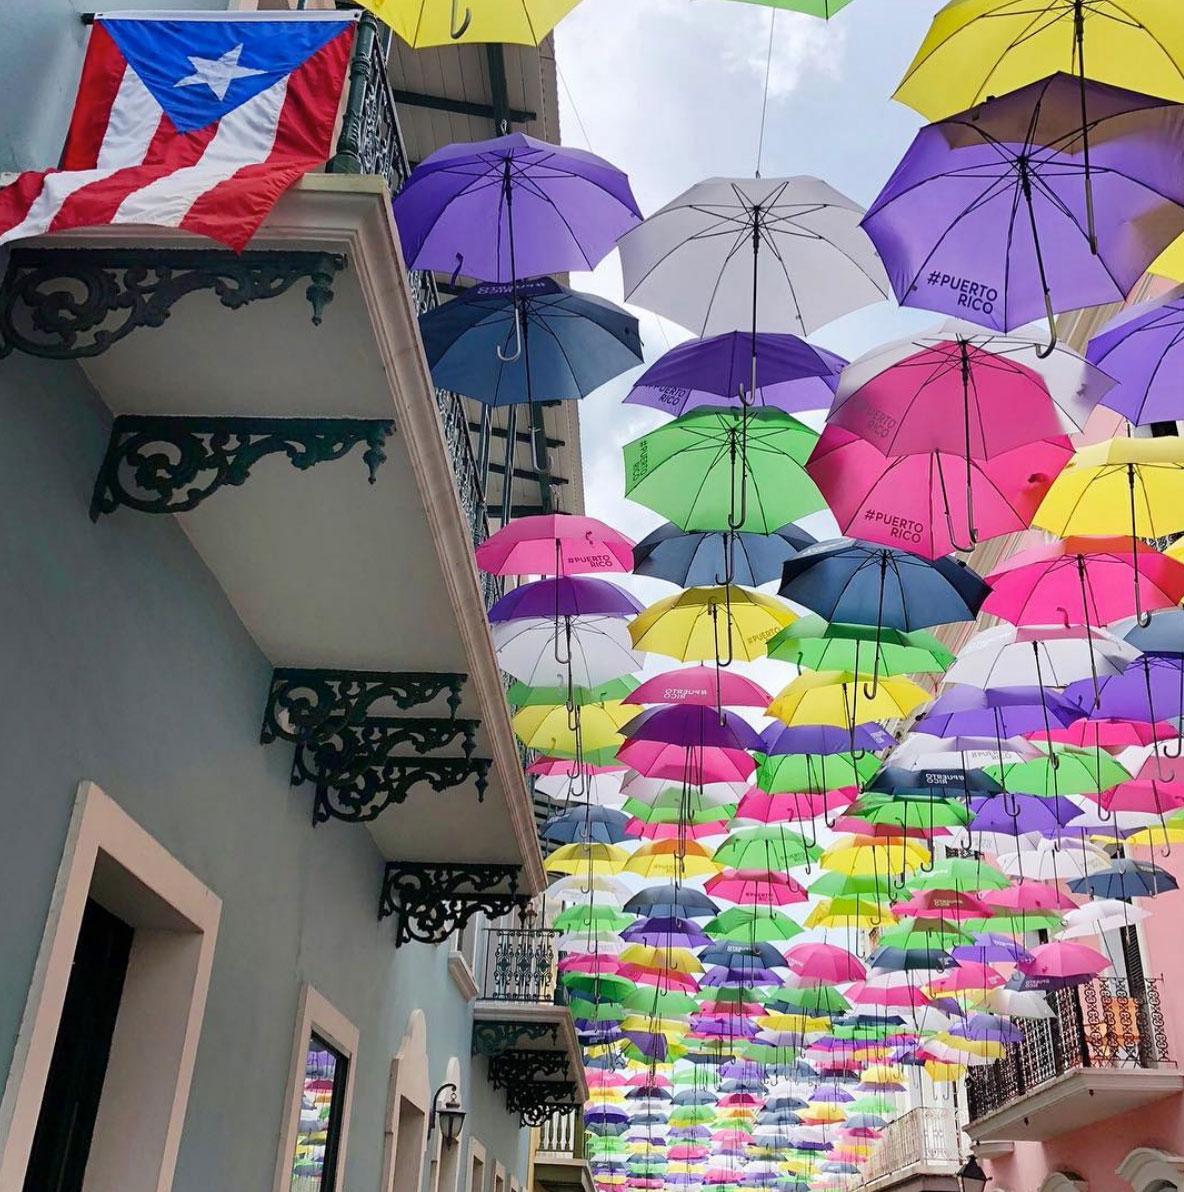 Umbrellas in San Juan, Puerto Rico